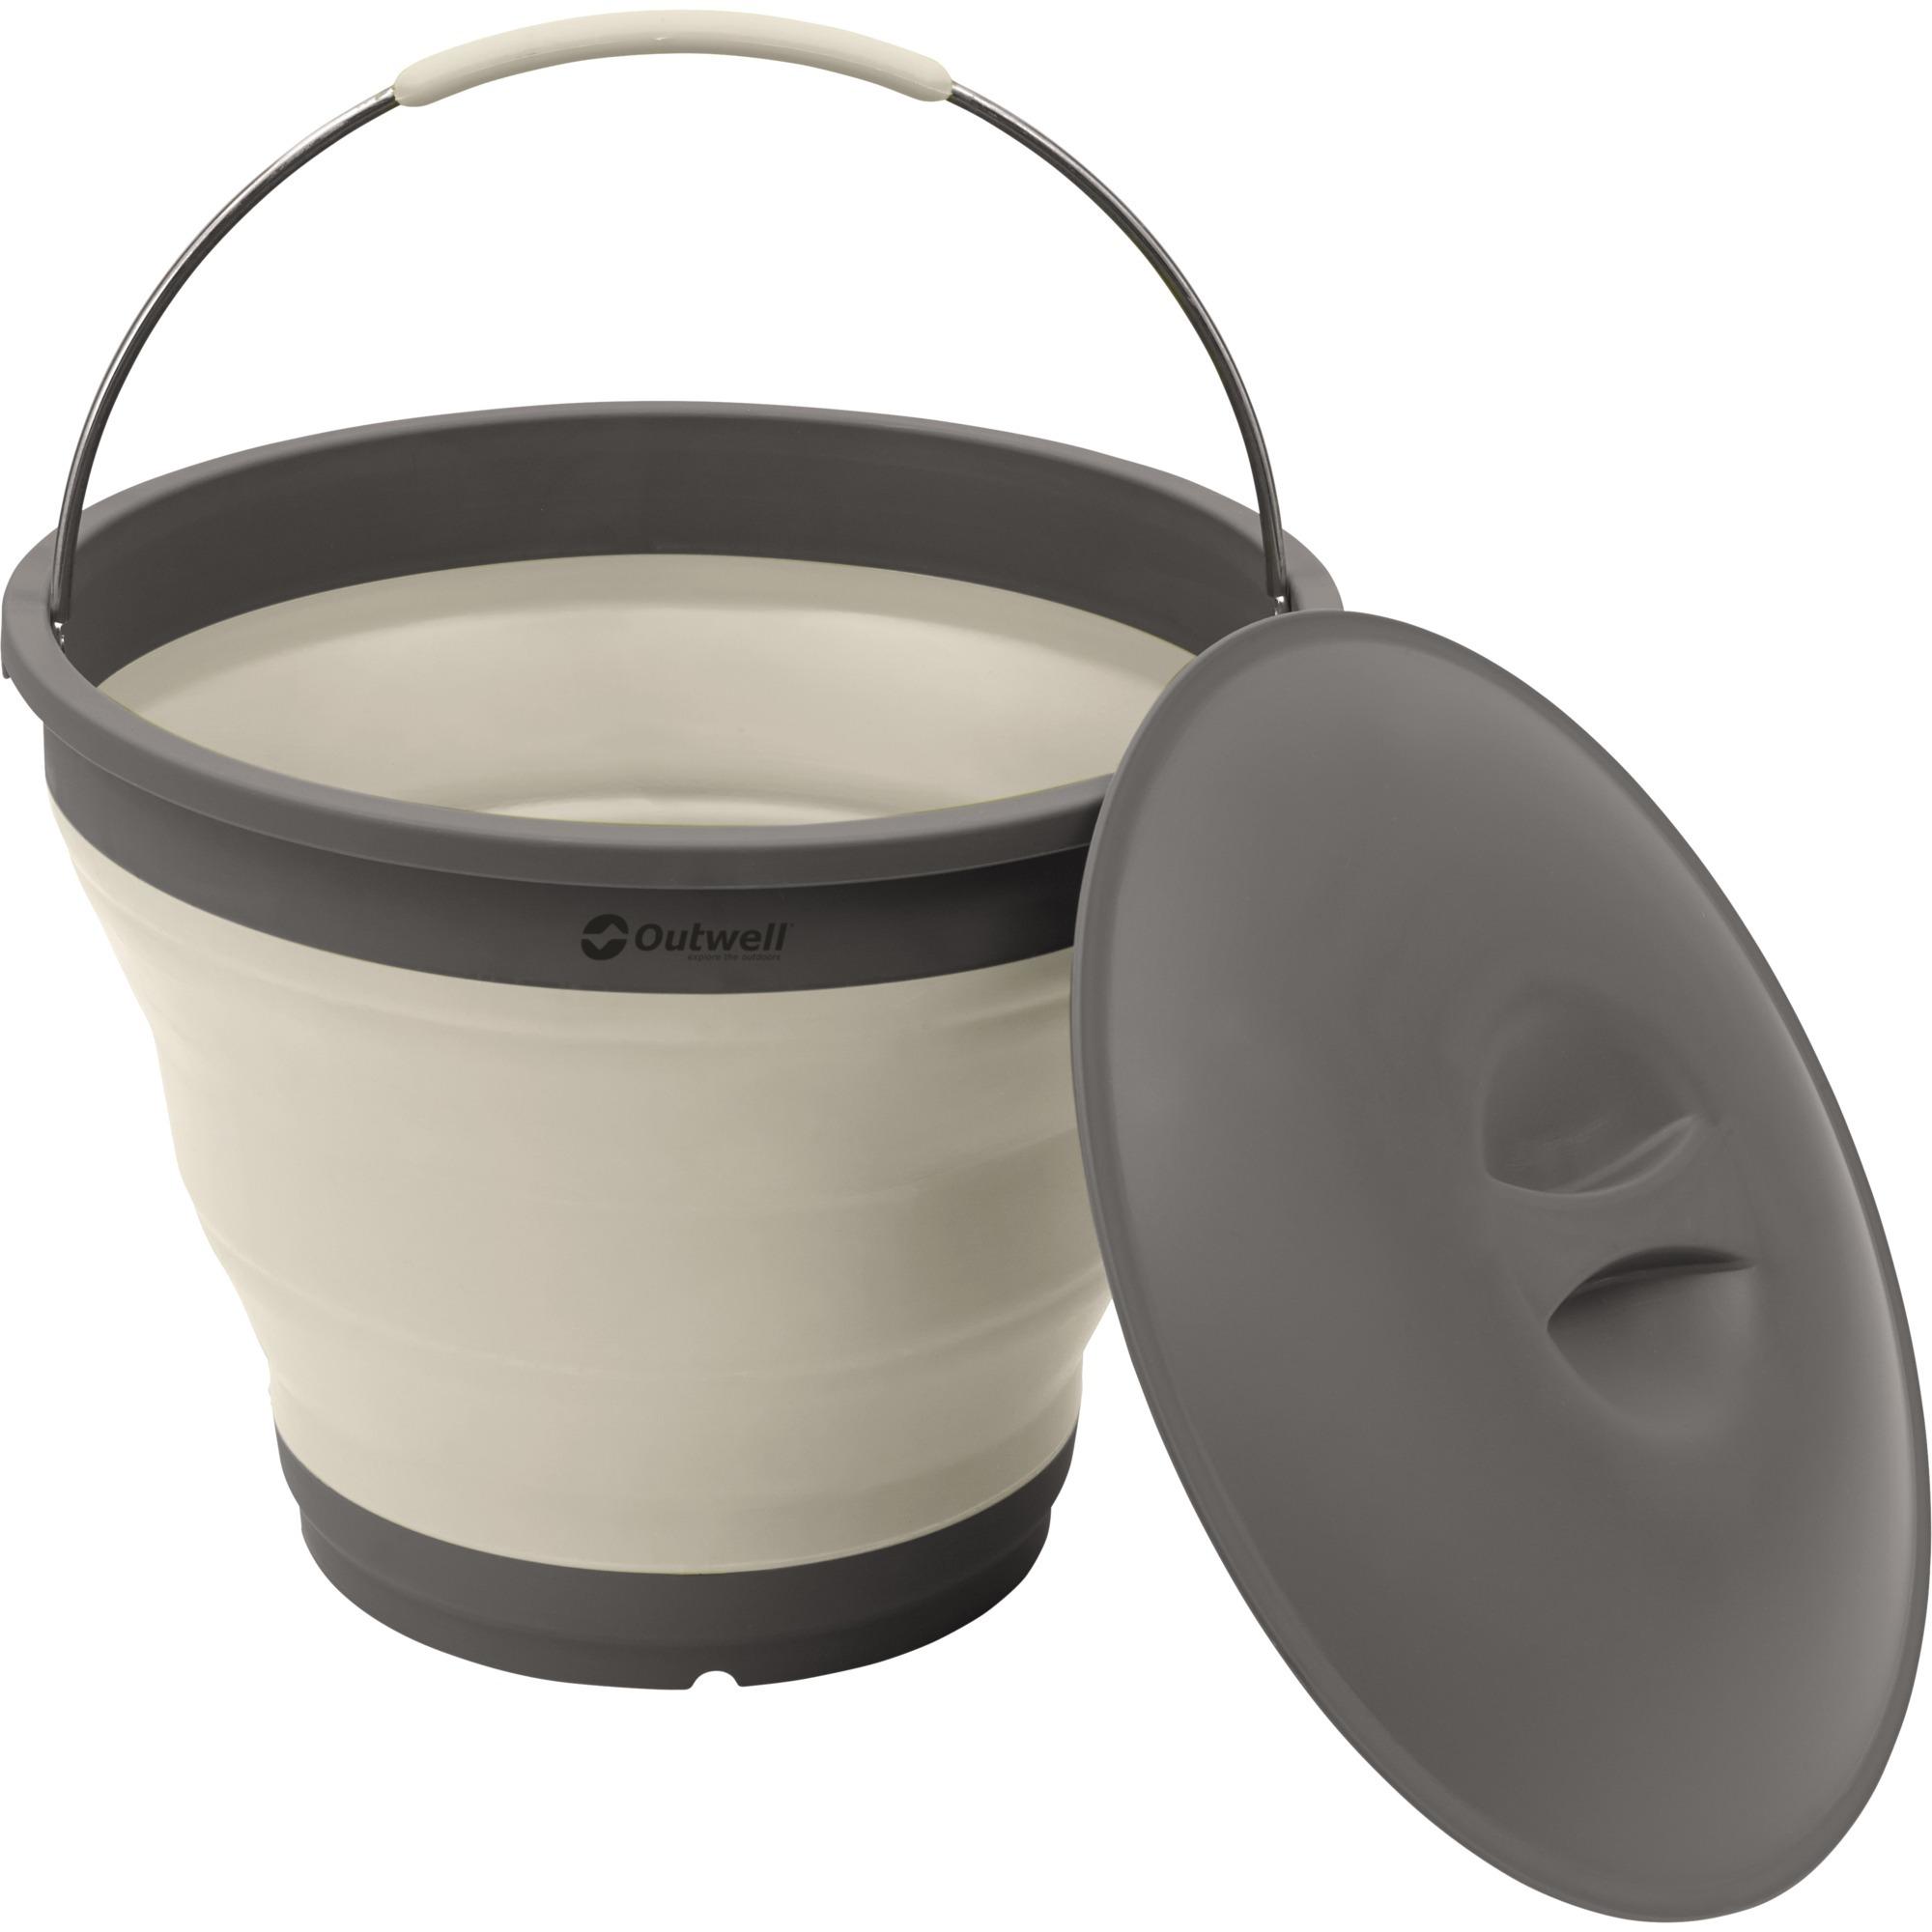 650613 caja de almacenaje Blanco Alrededor De plástico, Elastómero termoplástico (TPE), Cubo